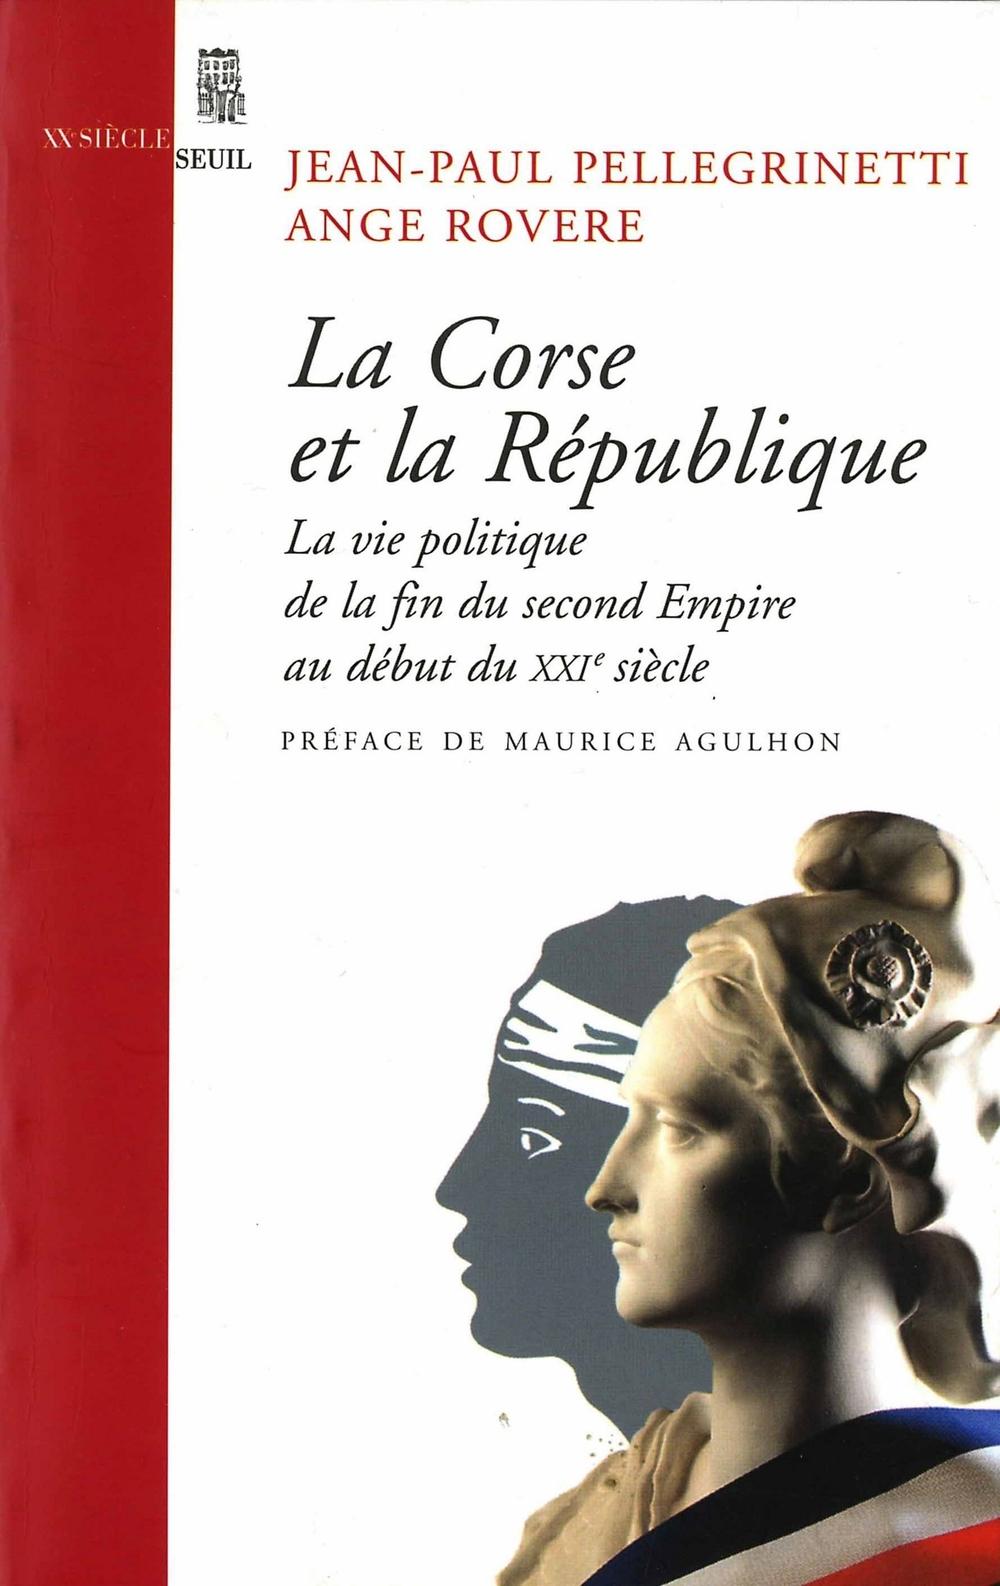 La Corse et la République. La vie politique, de la fin du second Empire au début du XXIe siècle